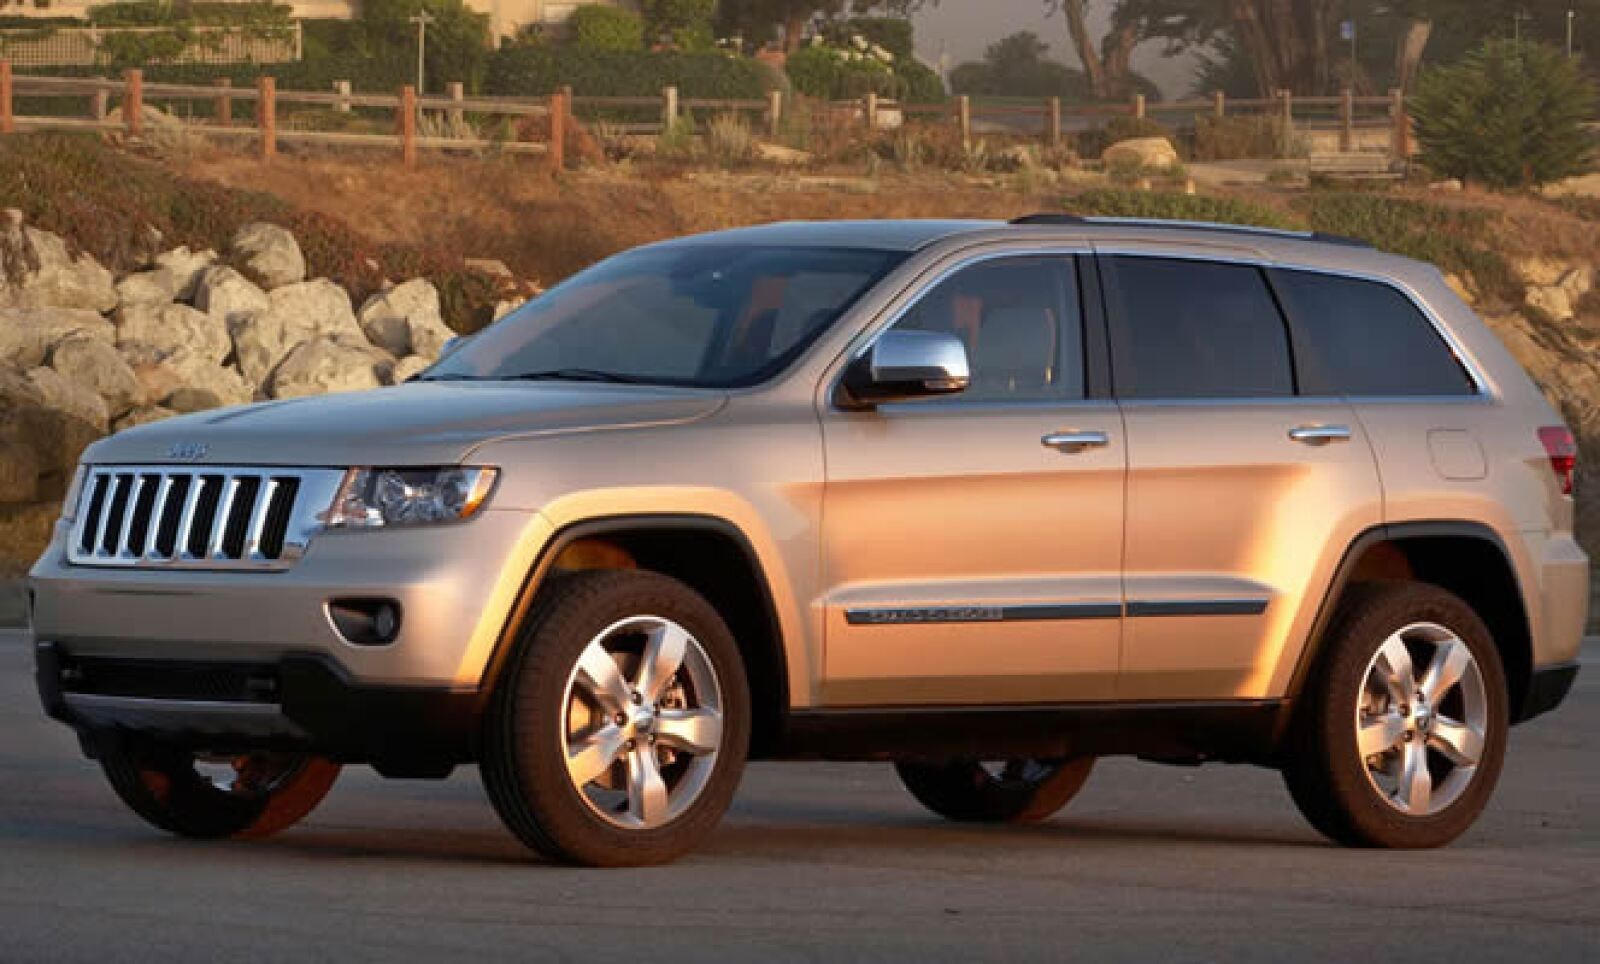 El motor de la versión base es el nuevo V6 de Grupo Chrysler, mejor conocido como Pentastar, que es 11% más ahorrador y 40% más potente que su predecesor.